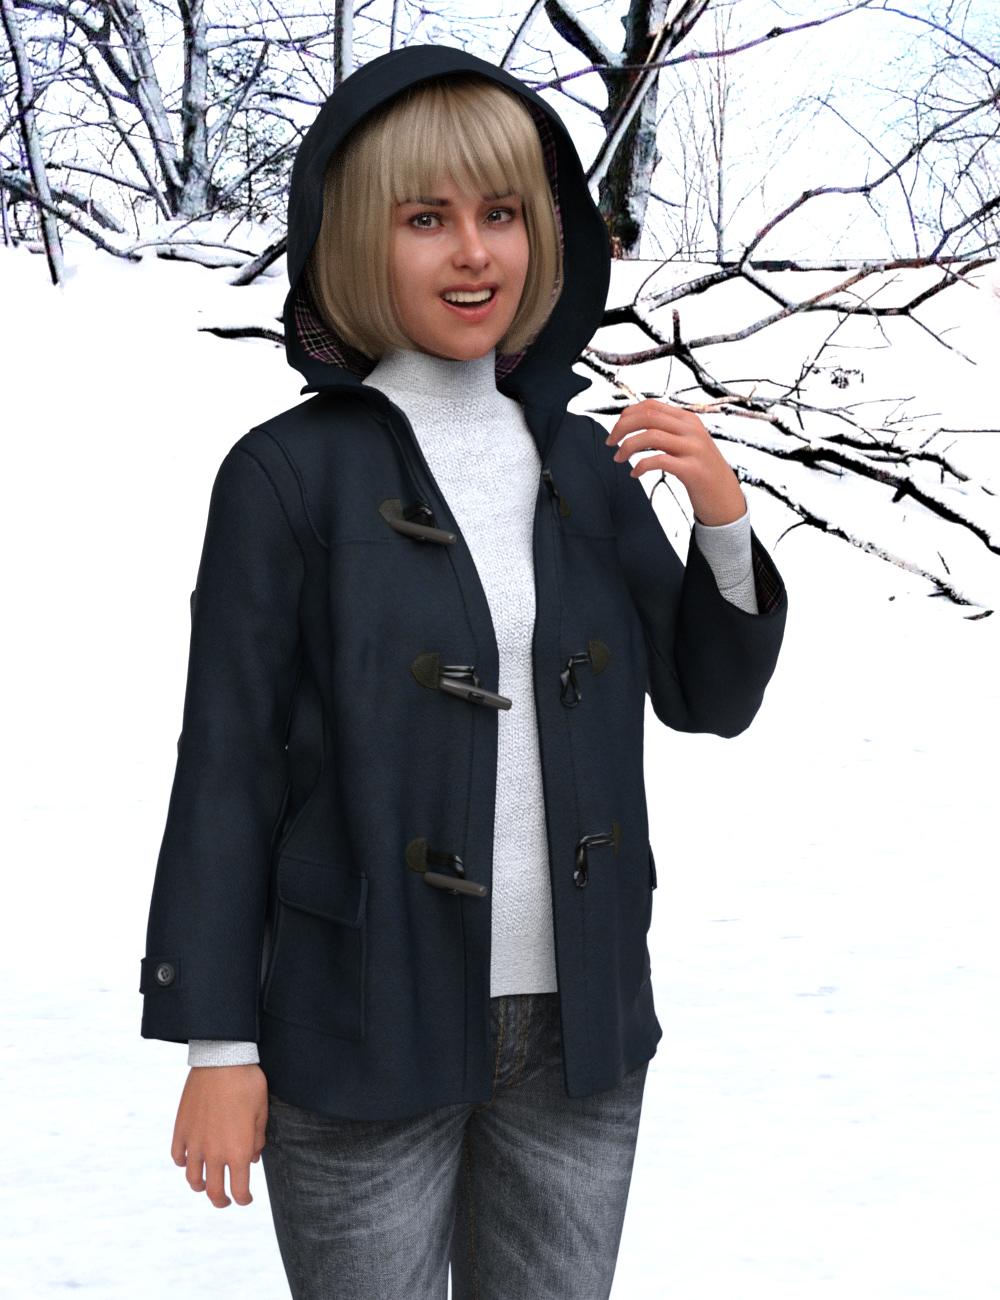 dForce KM Duffle Coat for Genesis 8 Females by: kobamax, 3D Models by Daz 3D